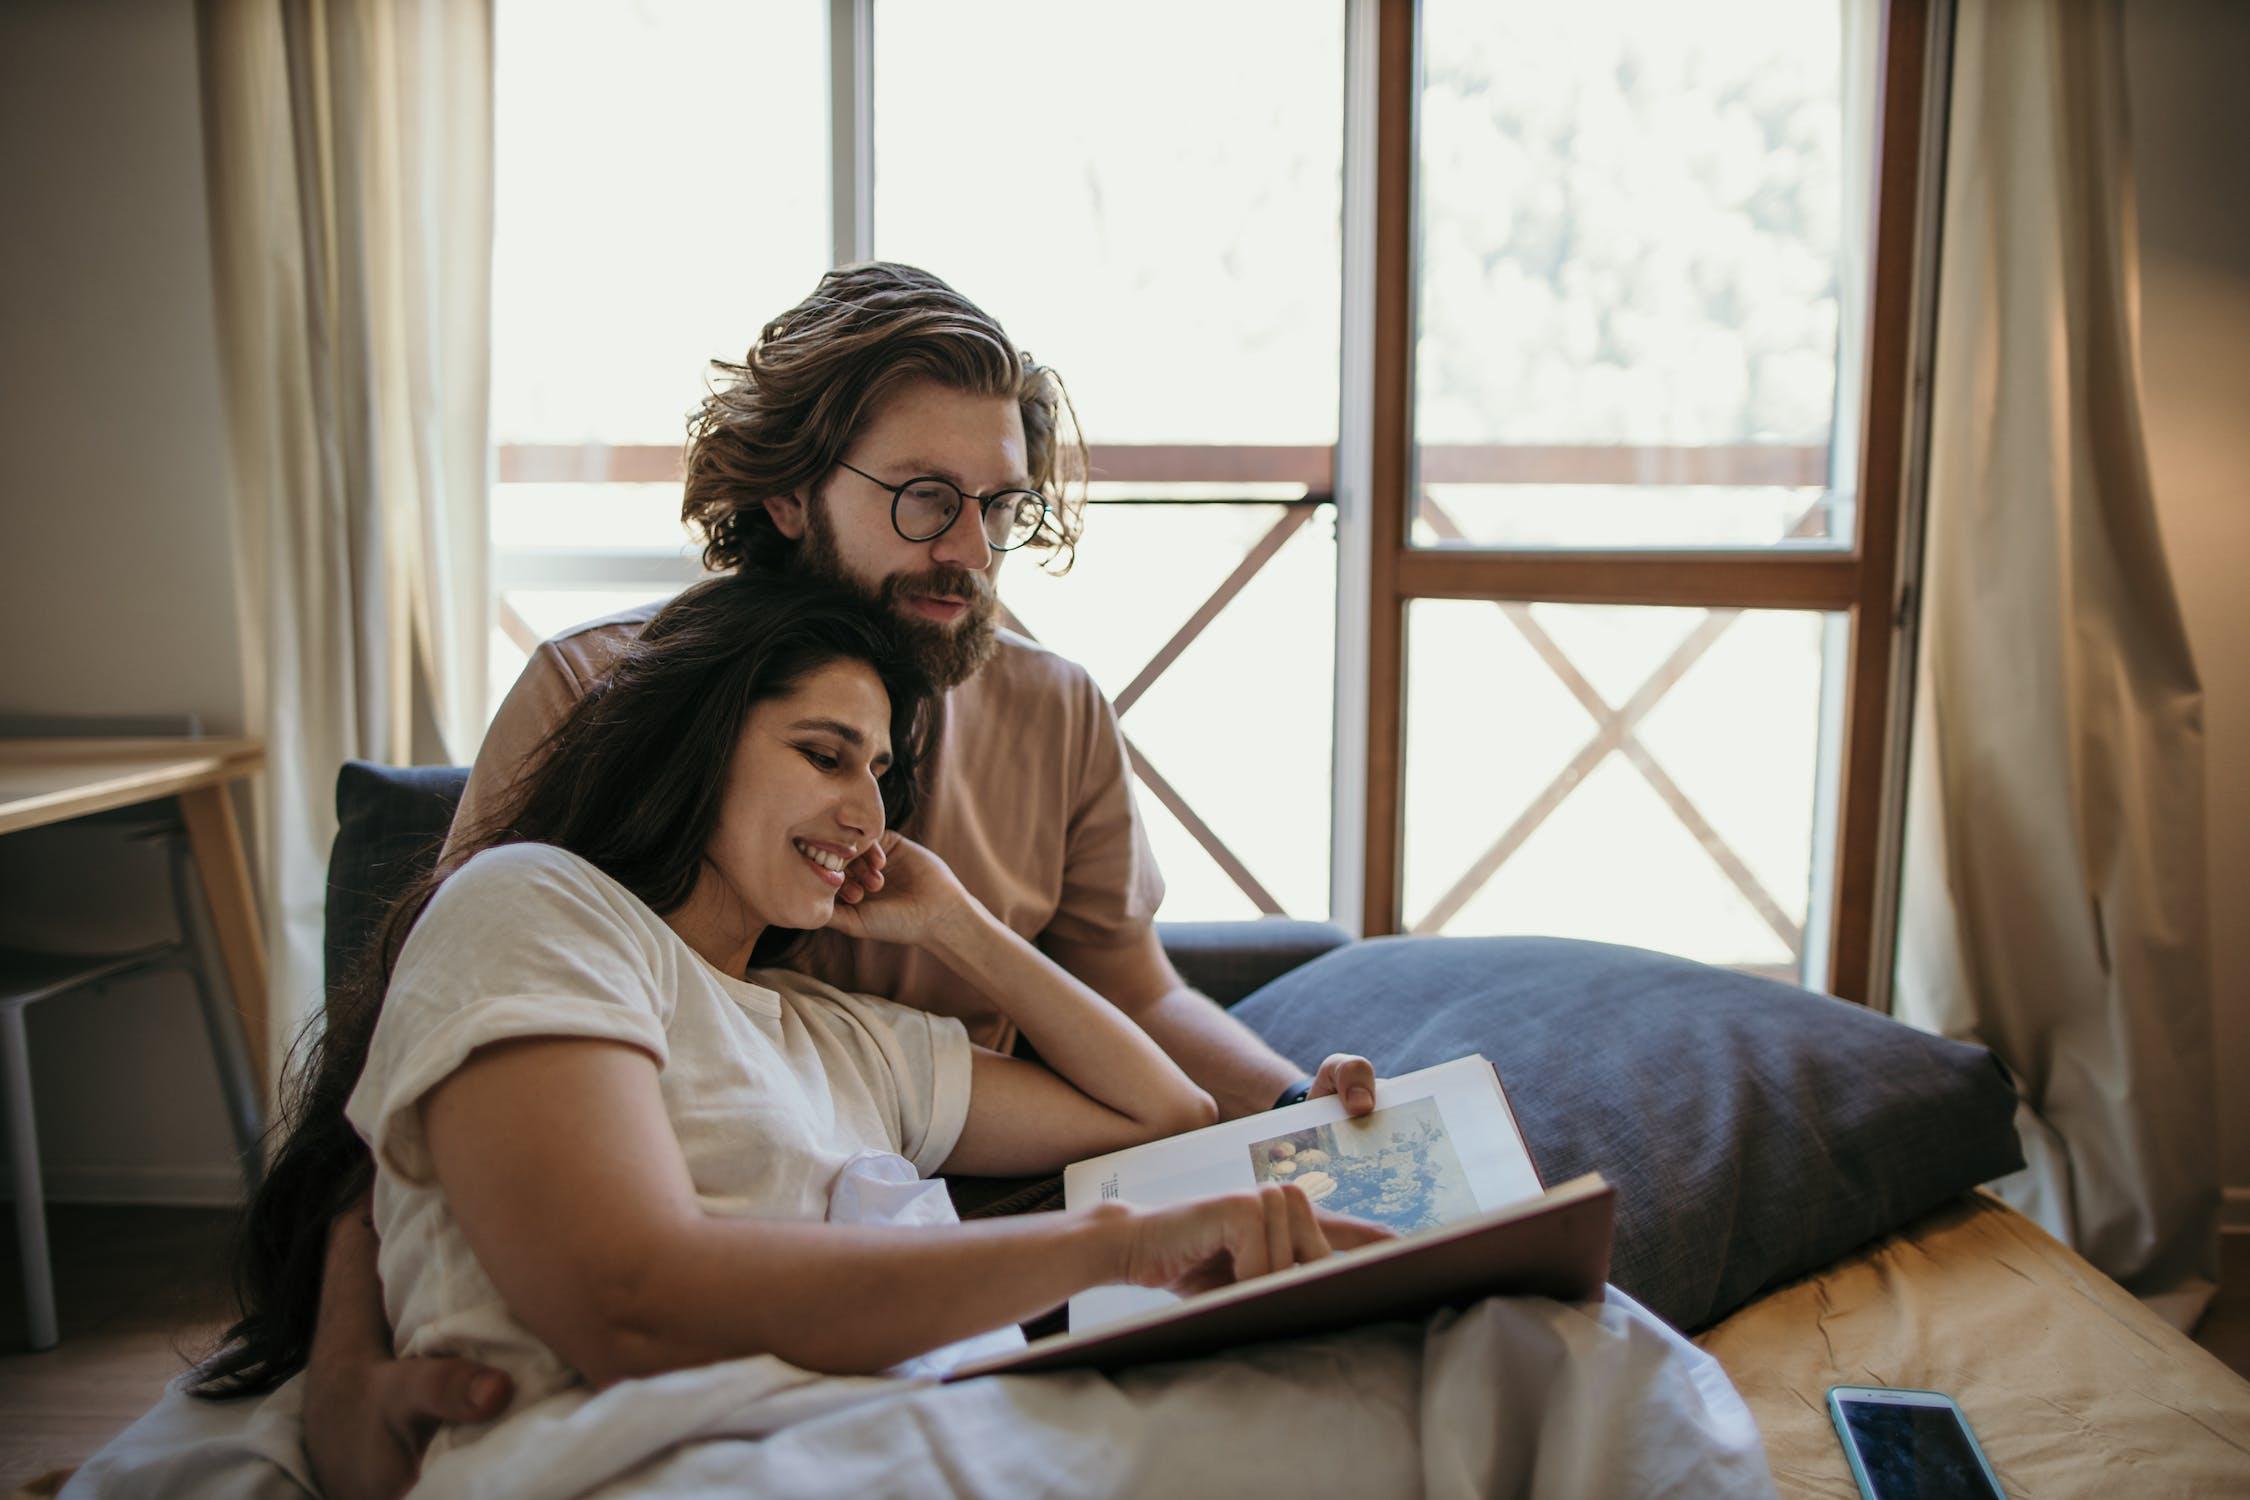 Love Photo by Anastasia Shuraeva from Pexels